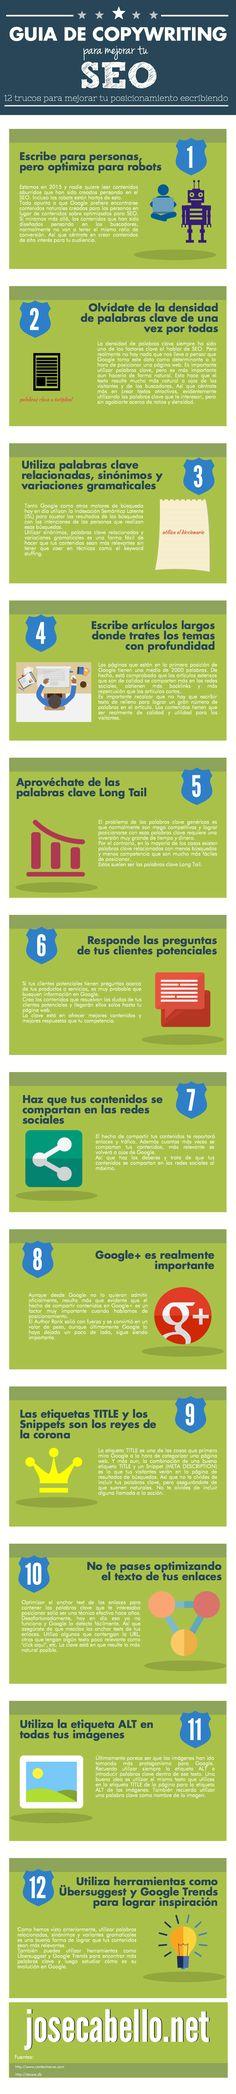 Guía de #Copywriting para mejorar tu #seo vía @josecabello